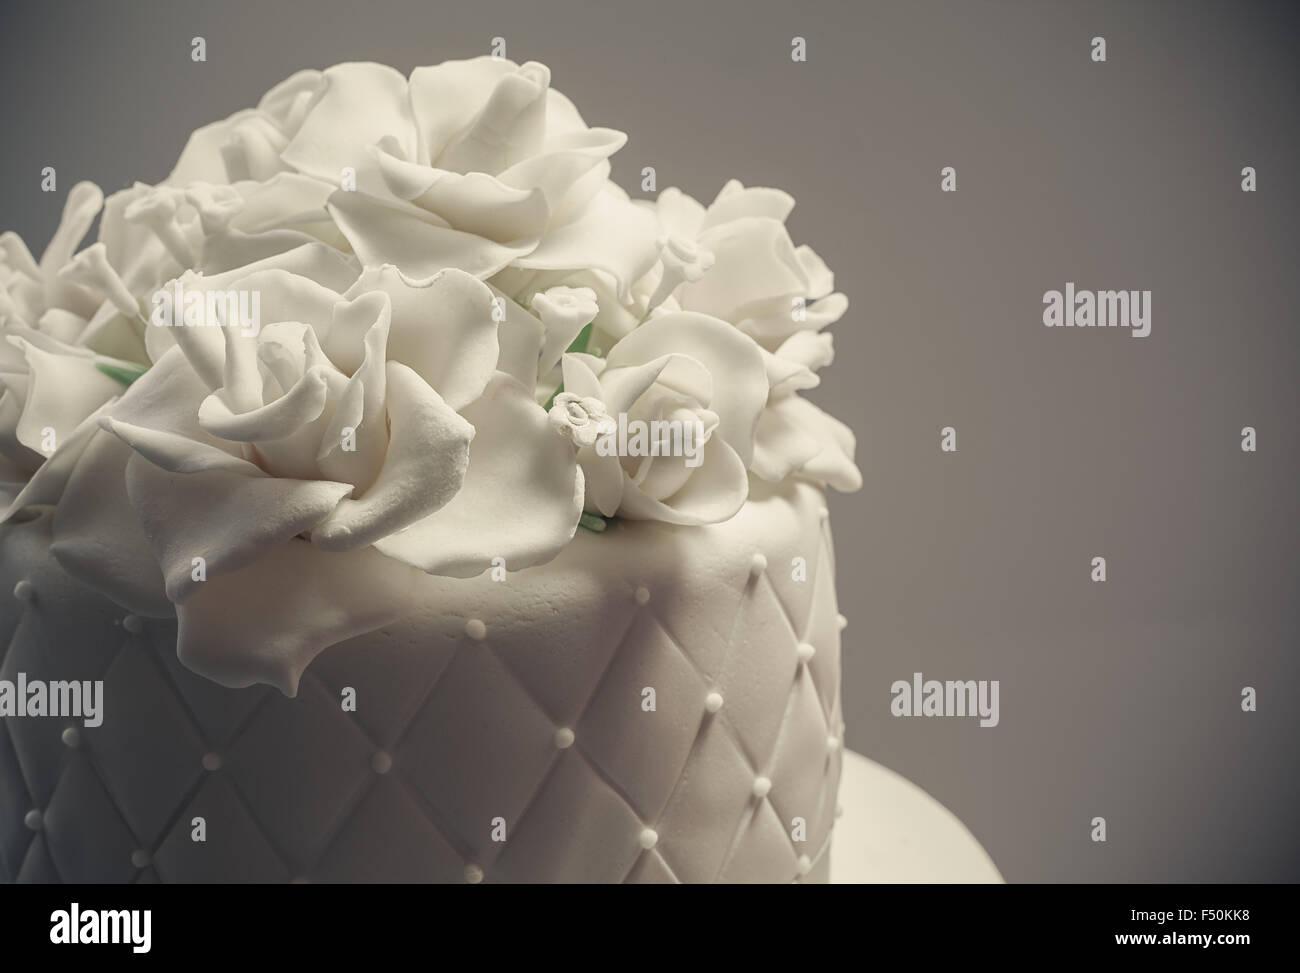 Details zu einer Hochzeitstorte, Dekoration mit weißen Fondant auf weißem Hintergrund. Stockbild